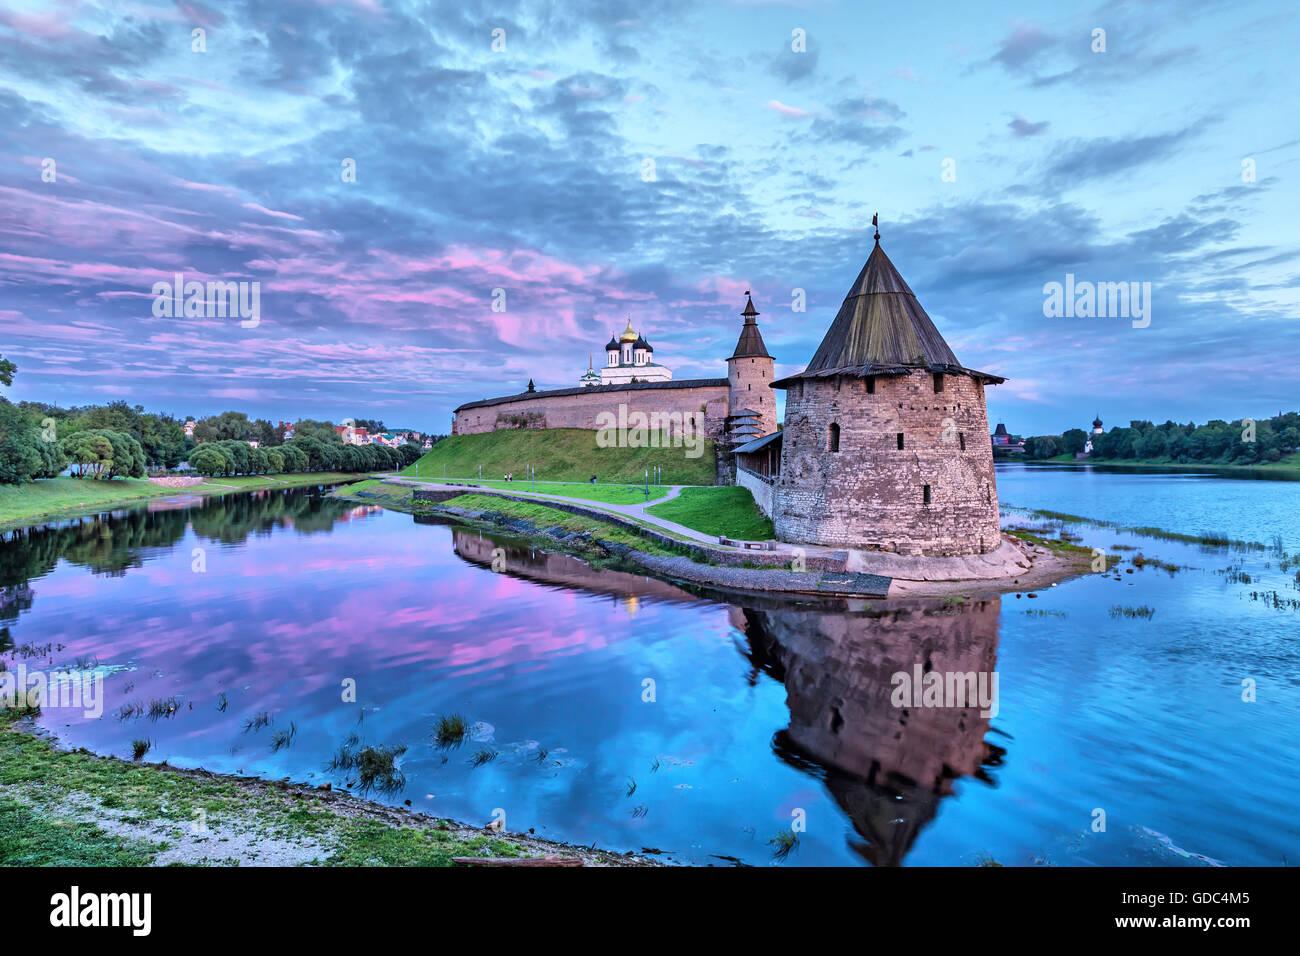 Il viola del cielo della sera su Pskov Cremlino e torre Ploskaya davanti a vista (HDR-effetto) Immagini Stock